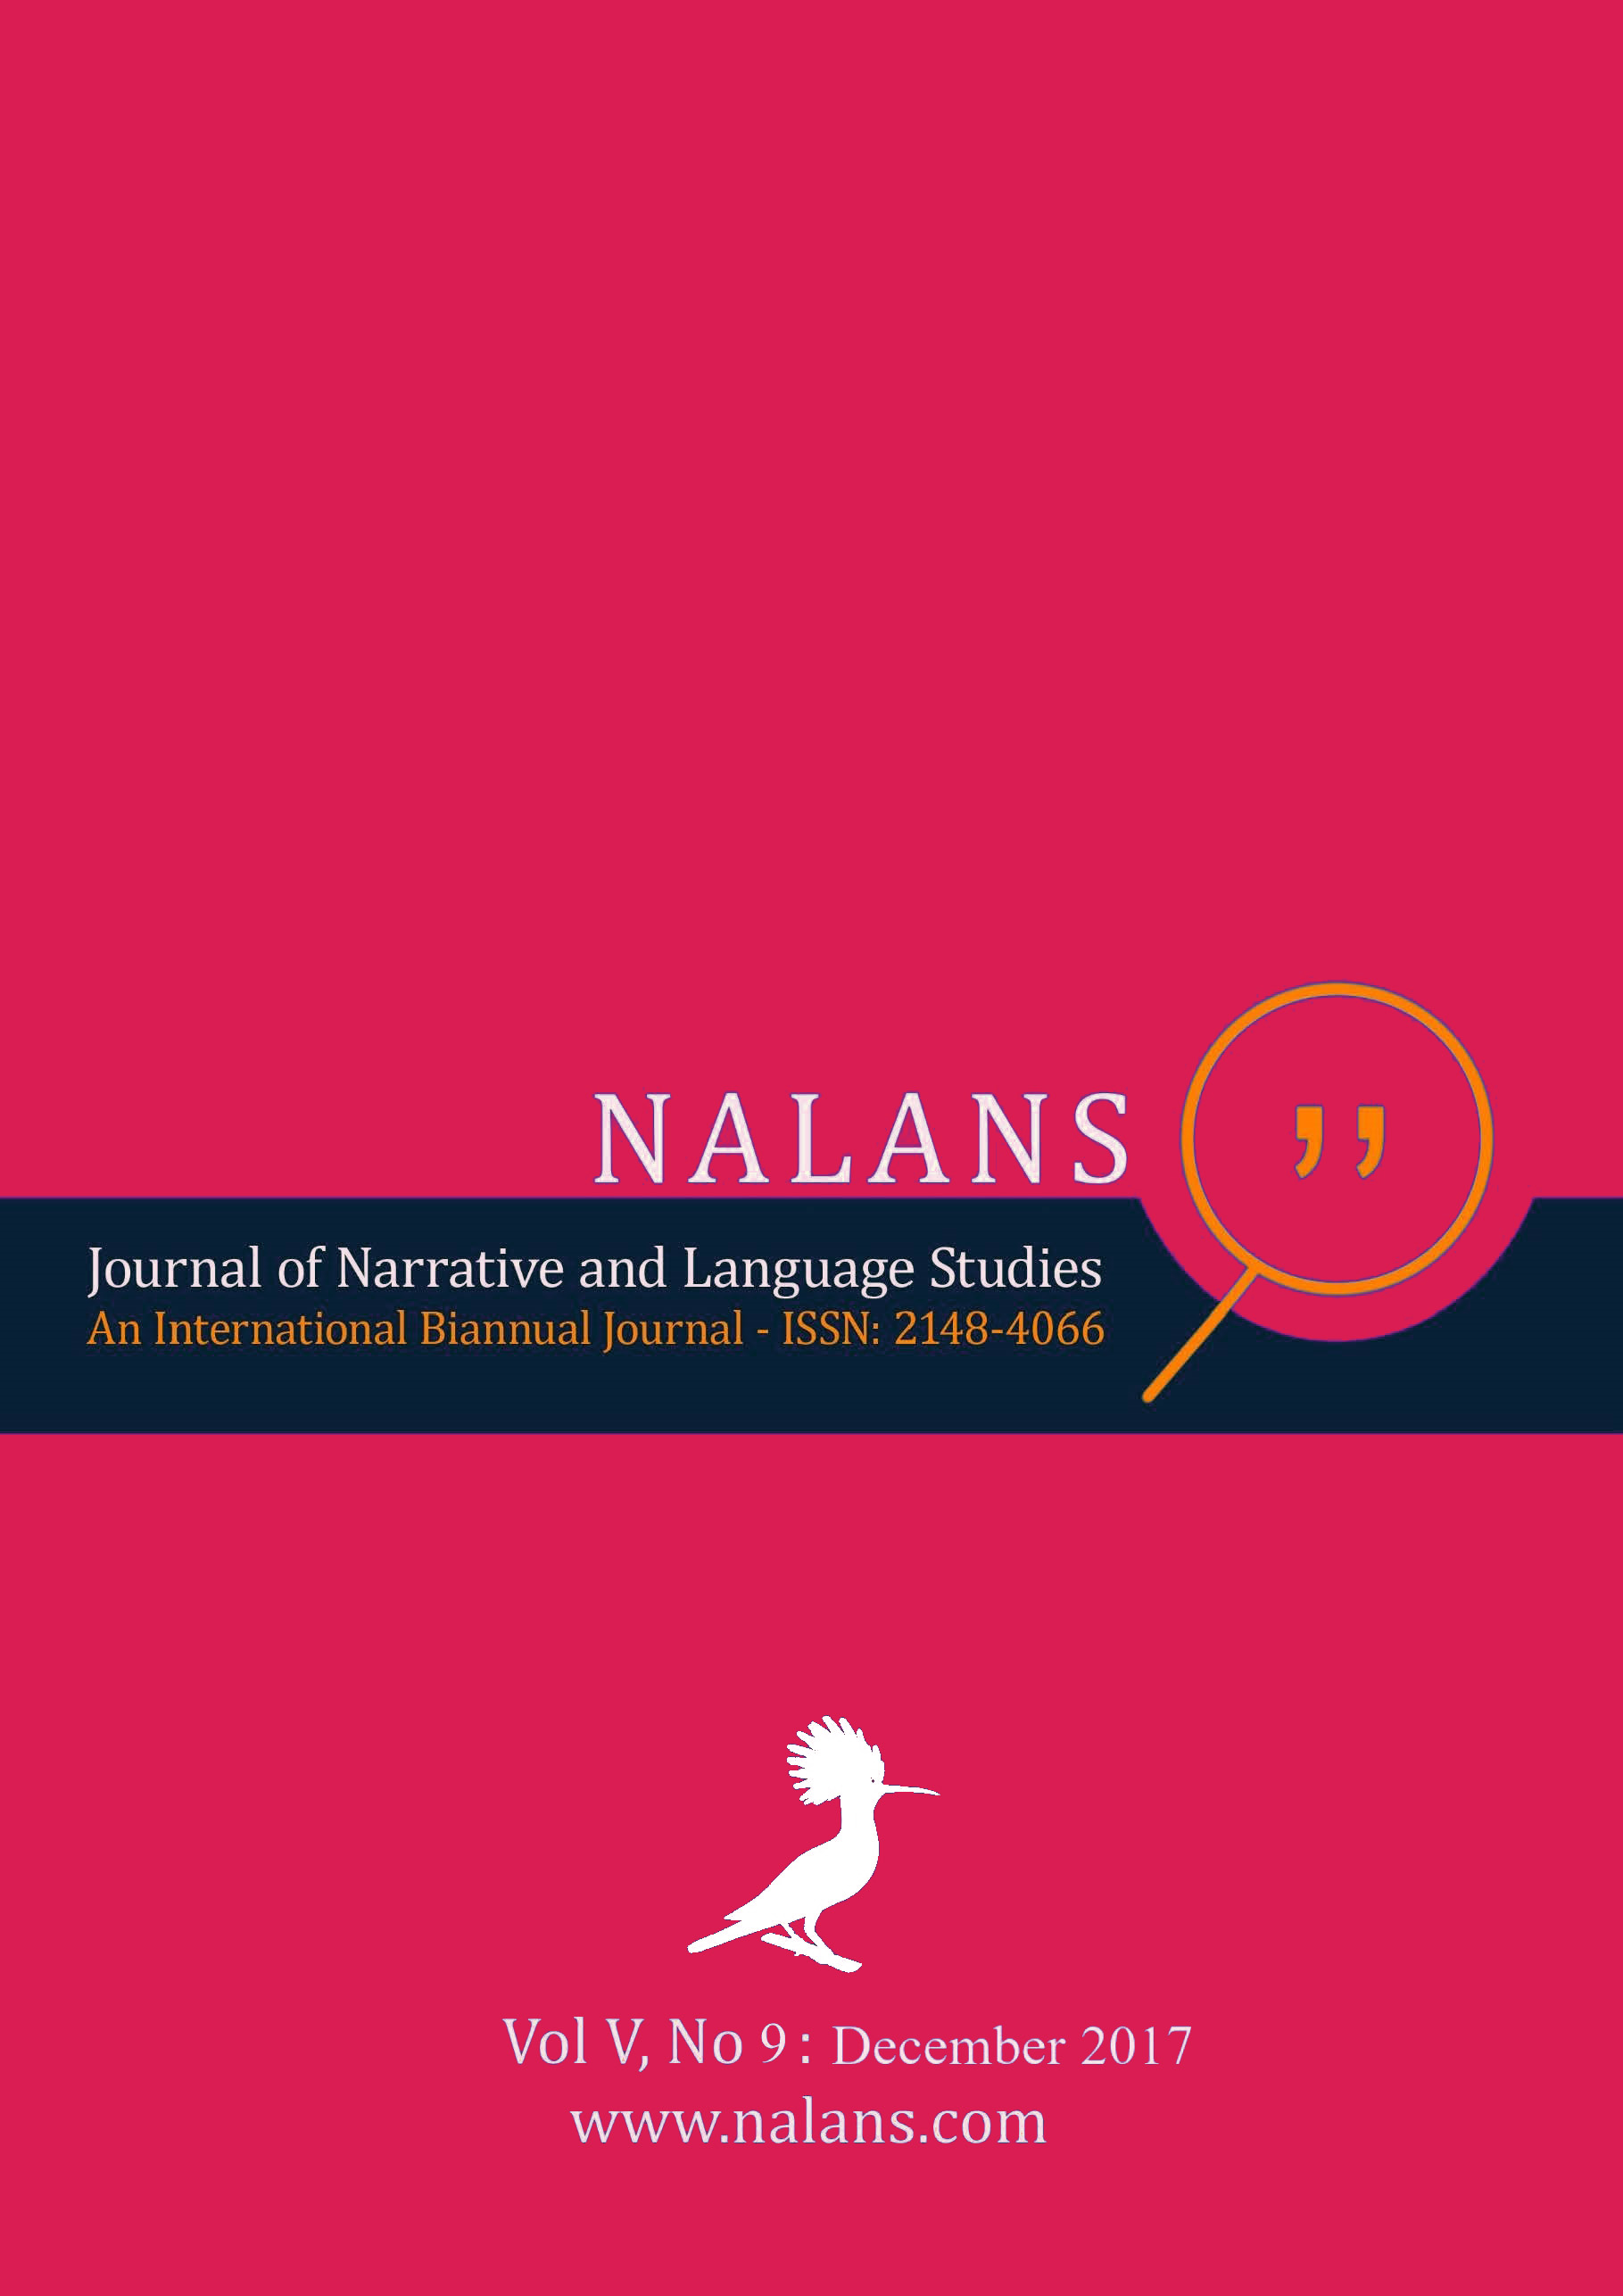 NALANS VOL 5, NO 9